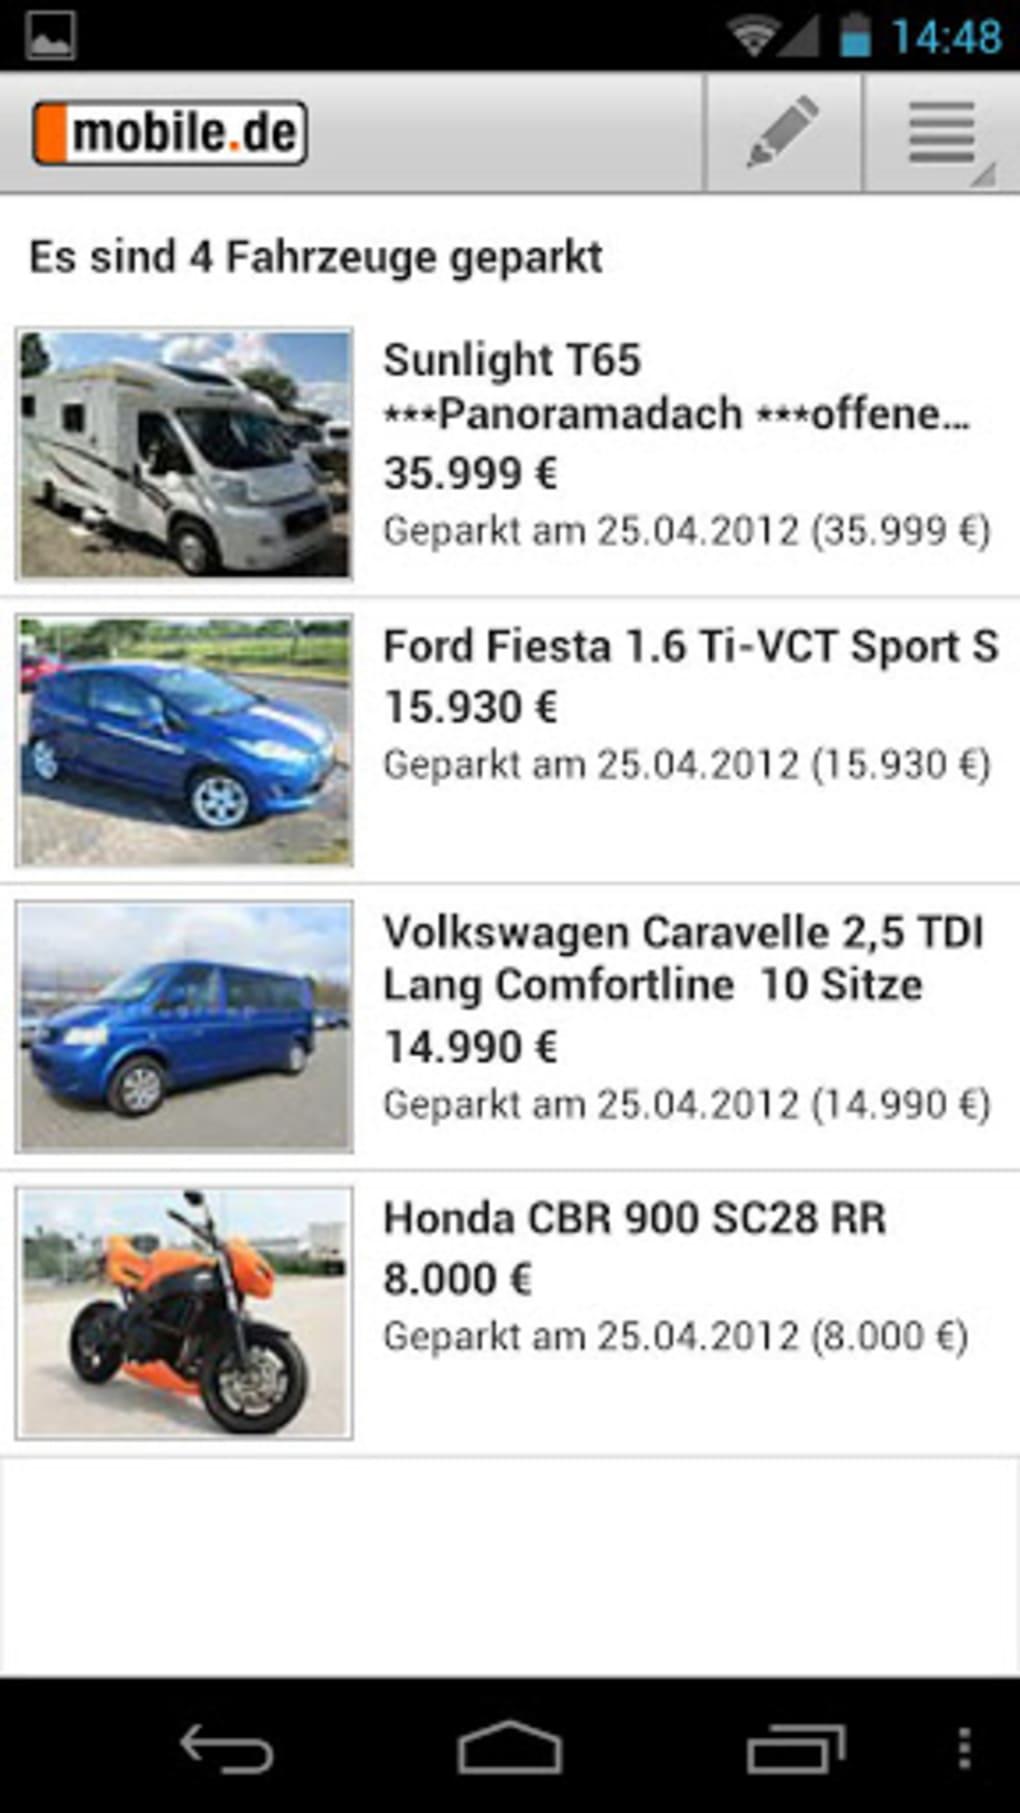 Mobilede Automarkt Für Android Download